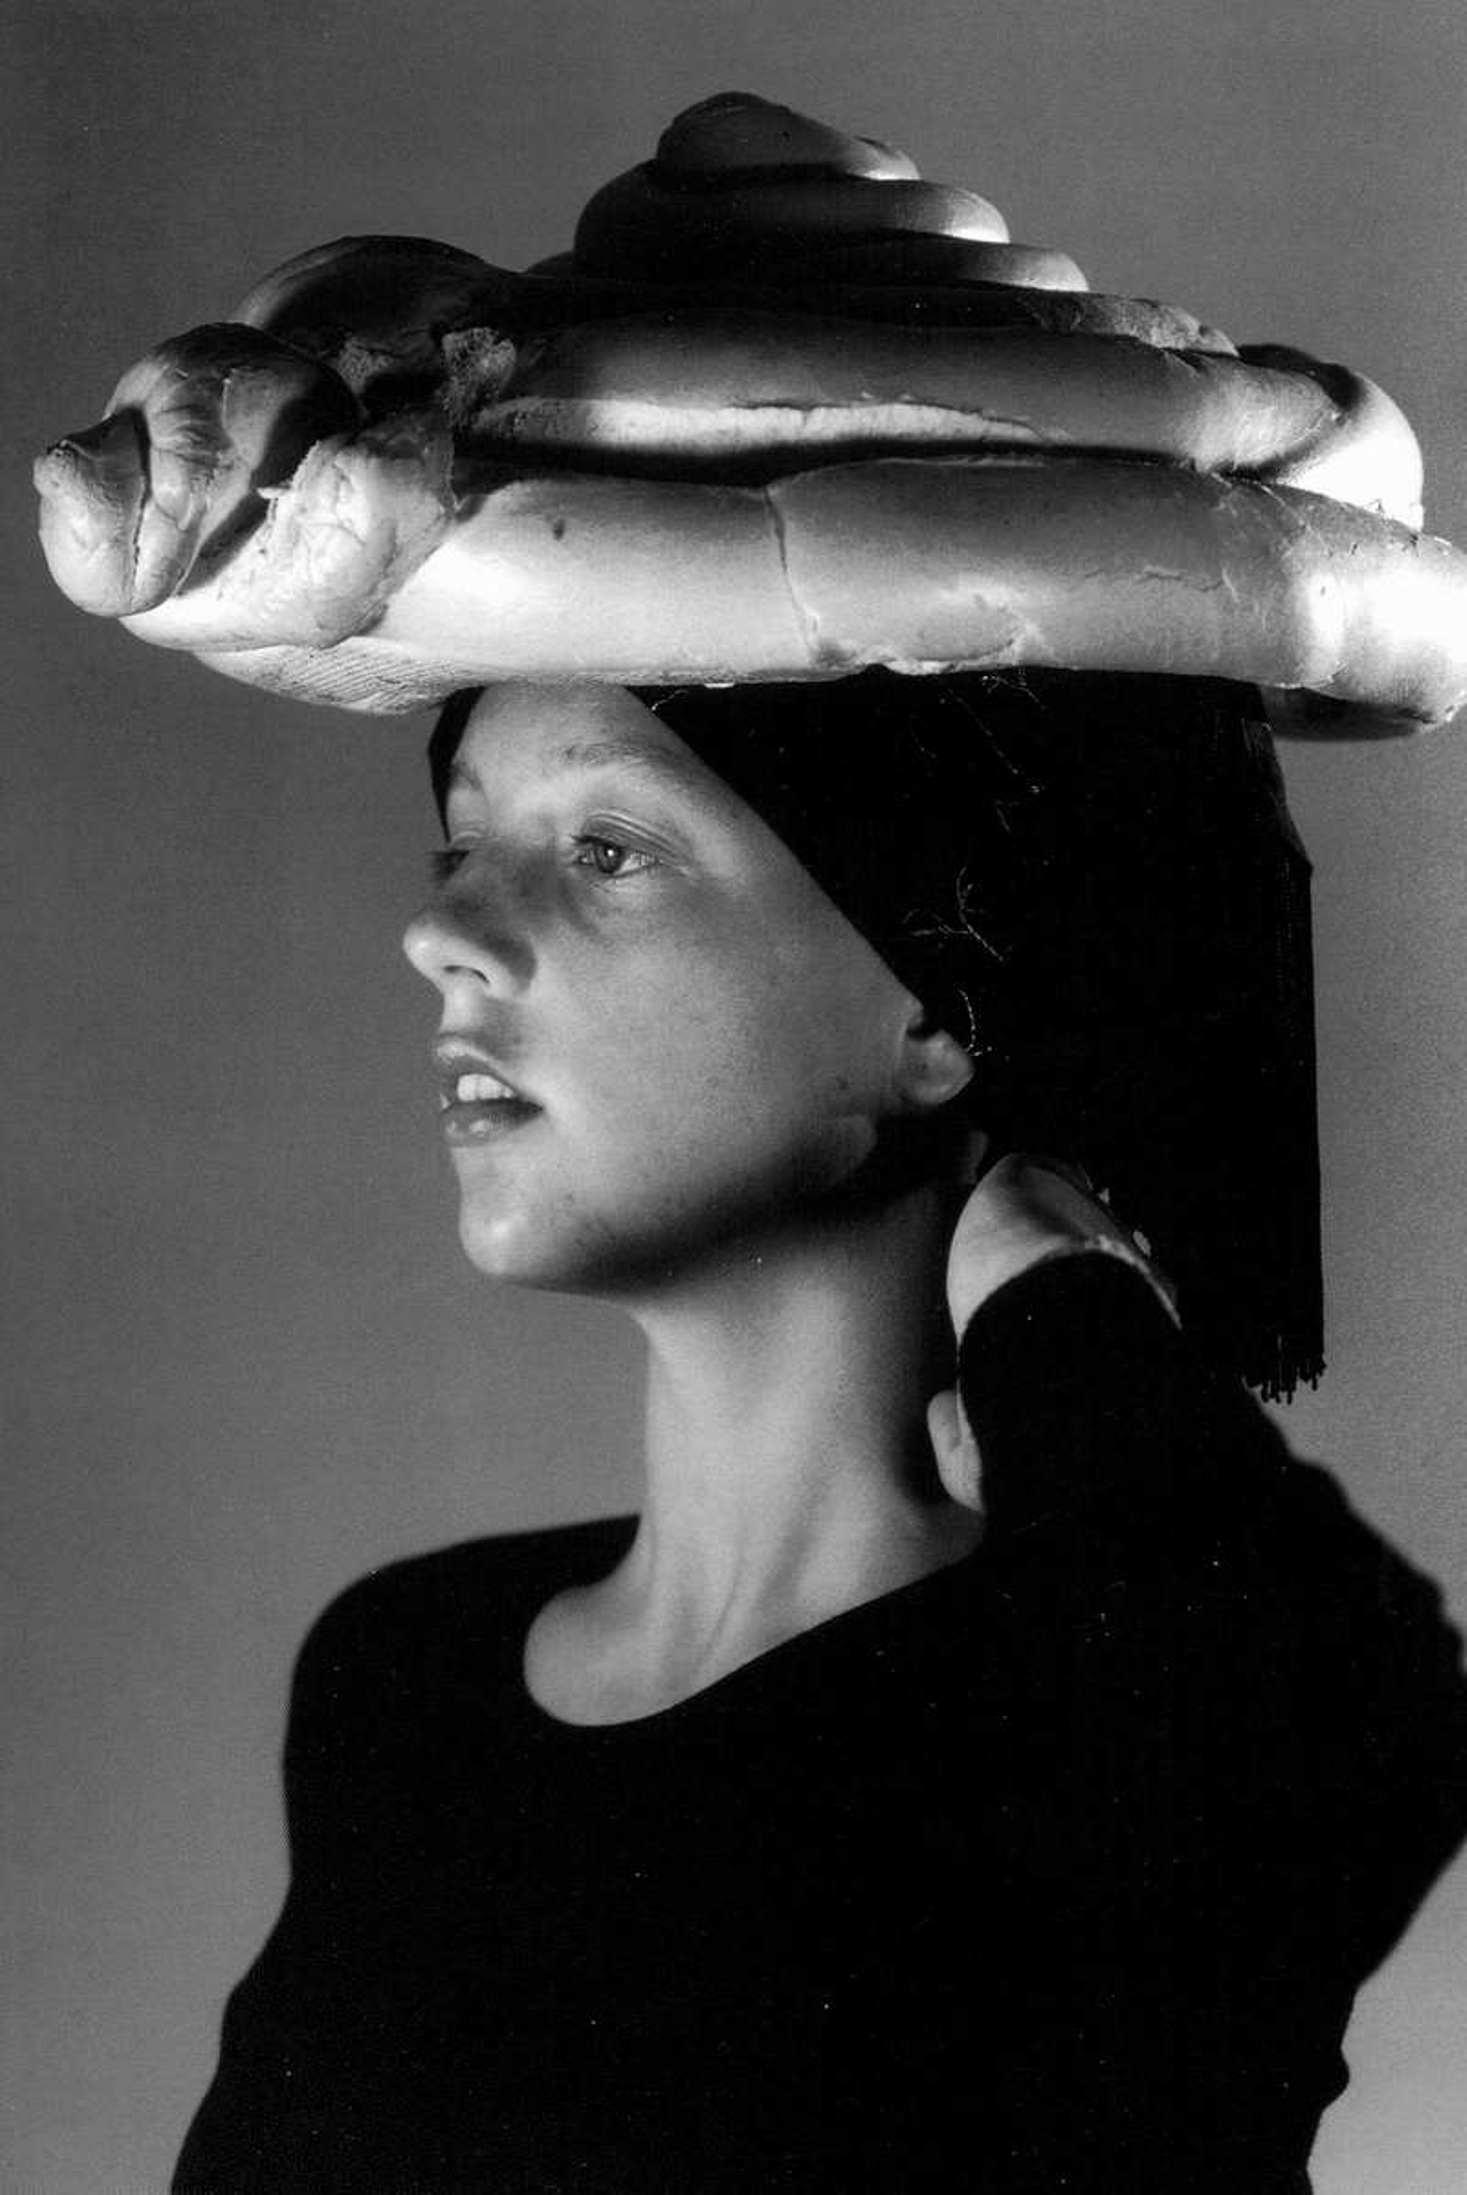 Without pleasure (1995) - Eva Lootz